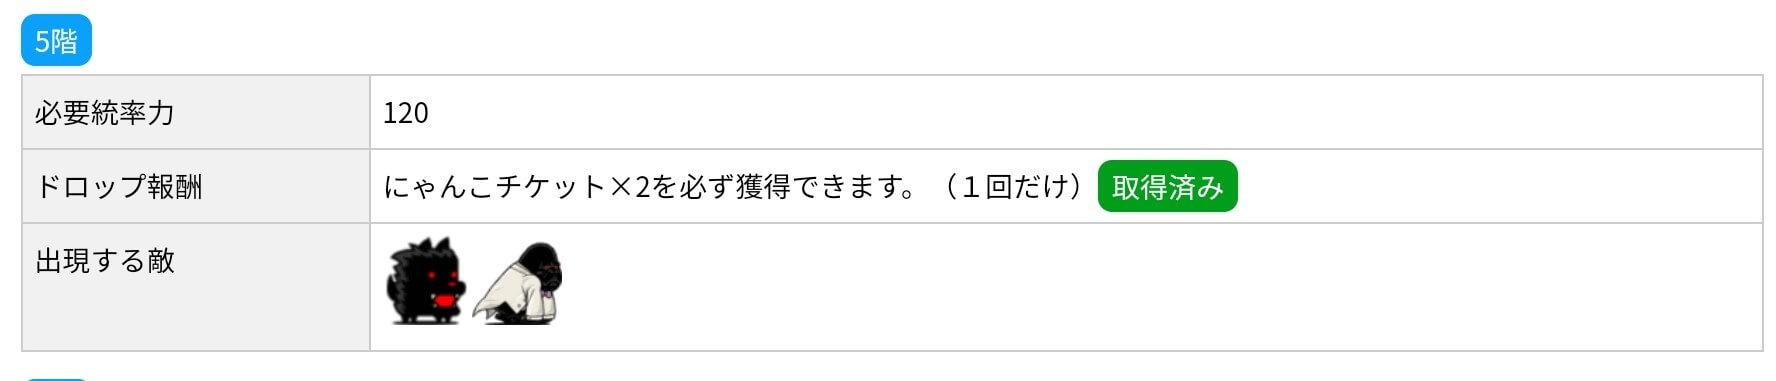 にゃんこ別塔(黒)5階 敵編成